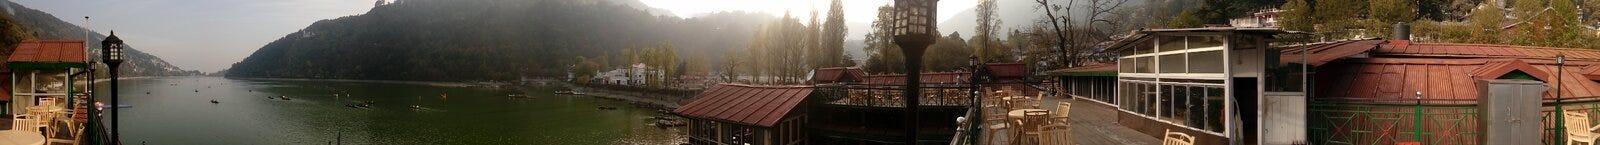 Stazione della collina Fotografie Stock